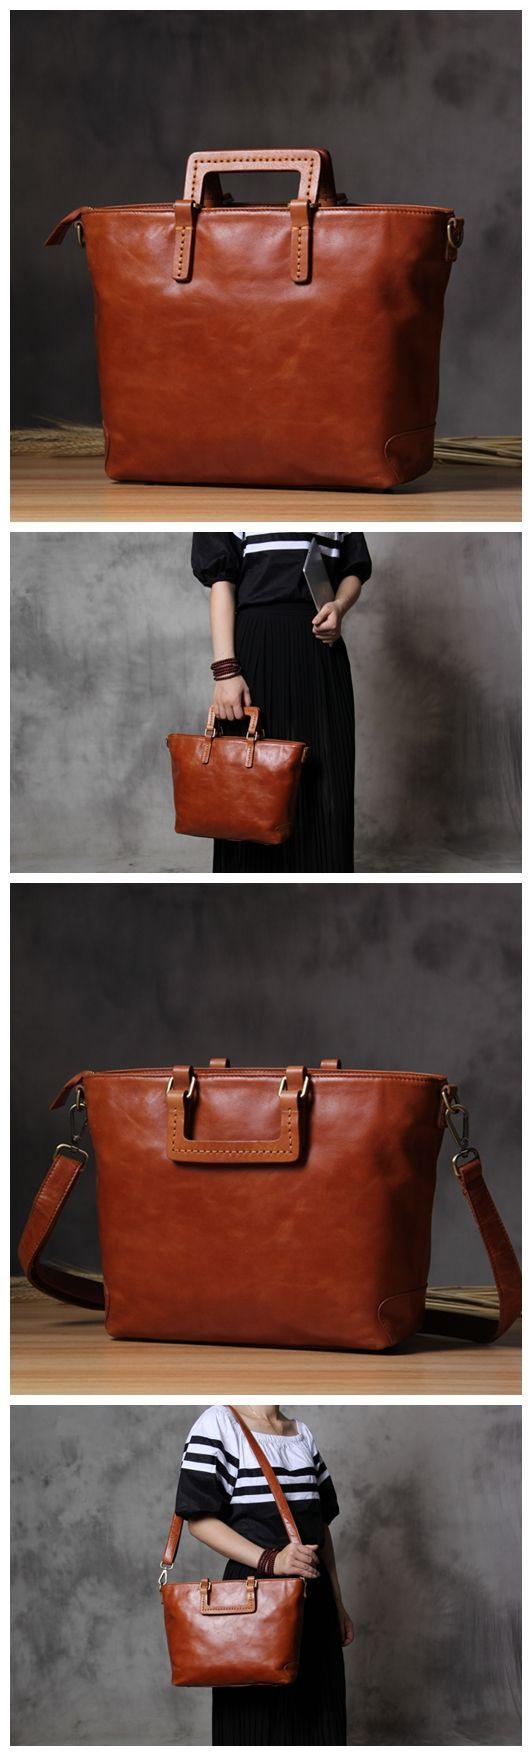 Handcrafted Leather Messenger Handbag Leather Shoulder Bag Laptop Bag Satchel 14122